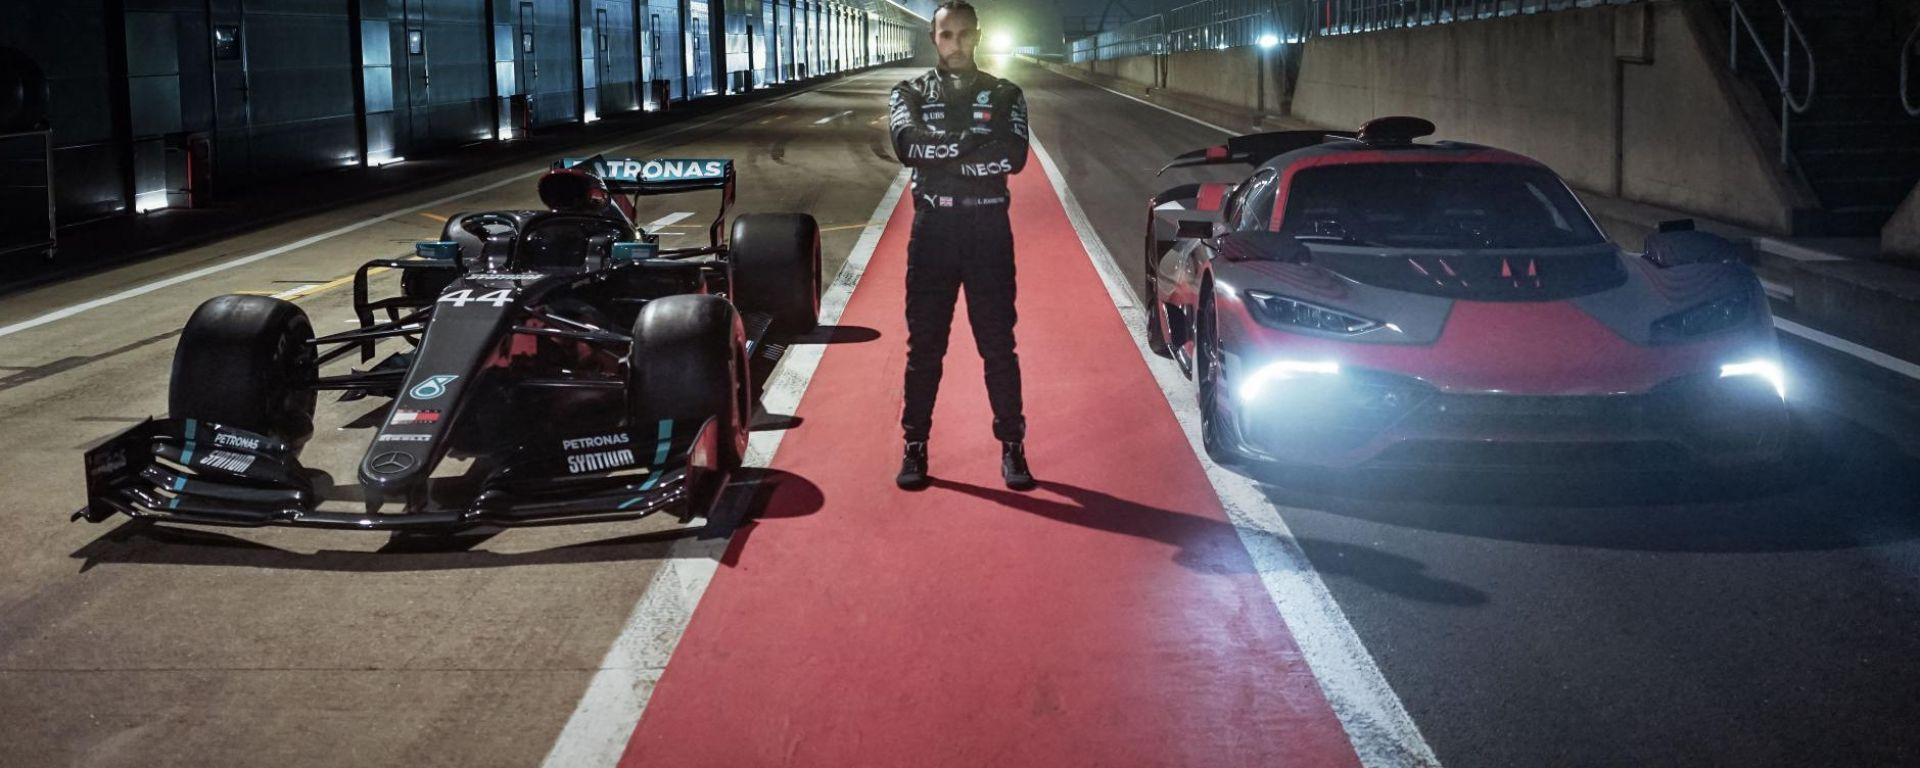 Lewis Hamilton insieme a Mercedes-AMG Project One e alla monoposto di F1 2020